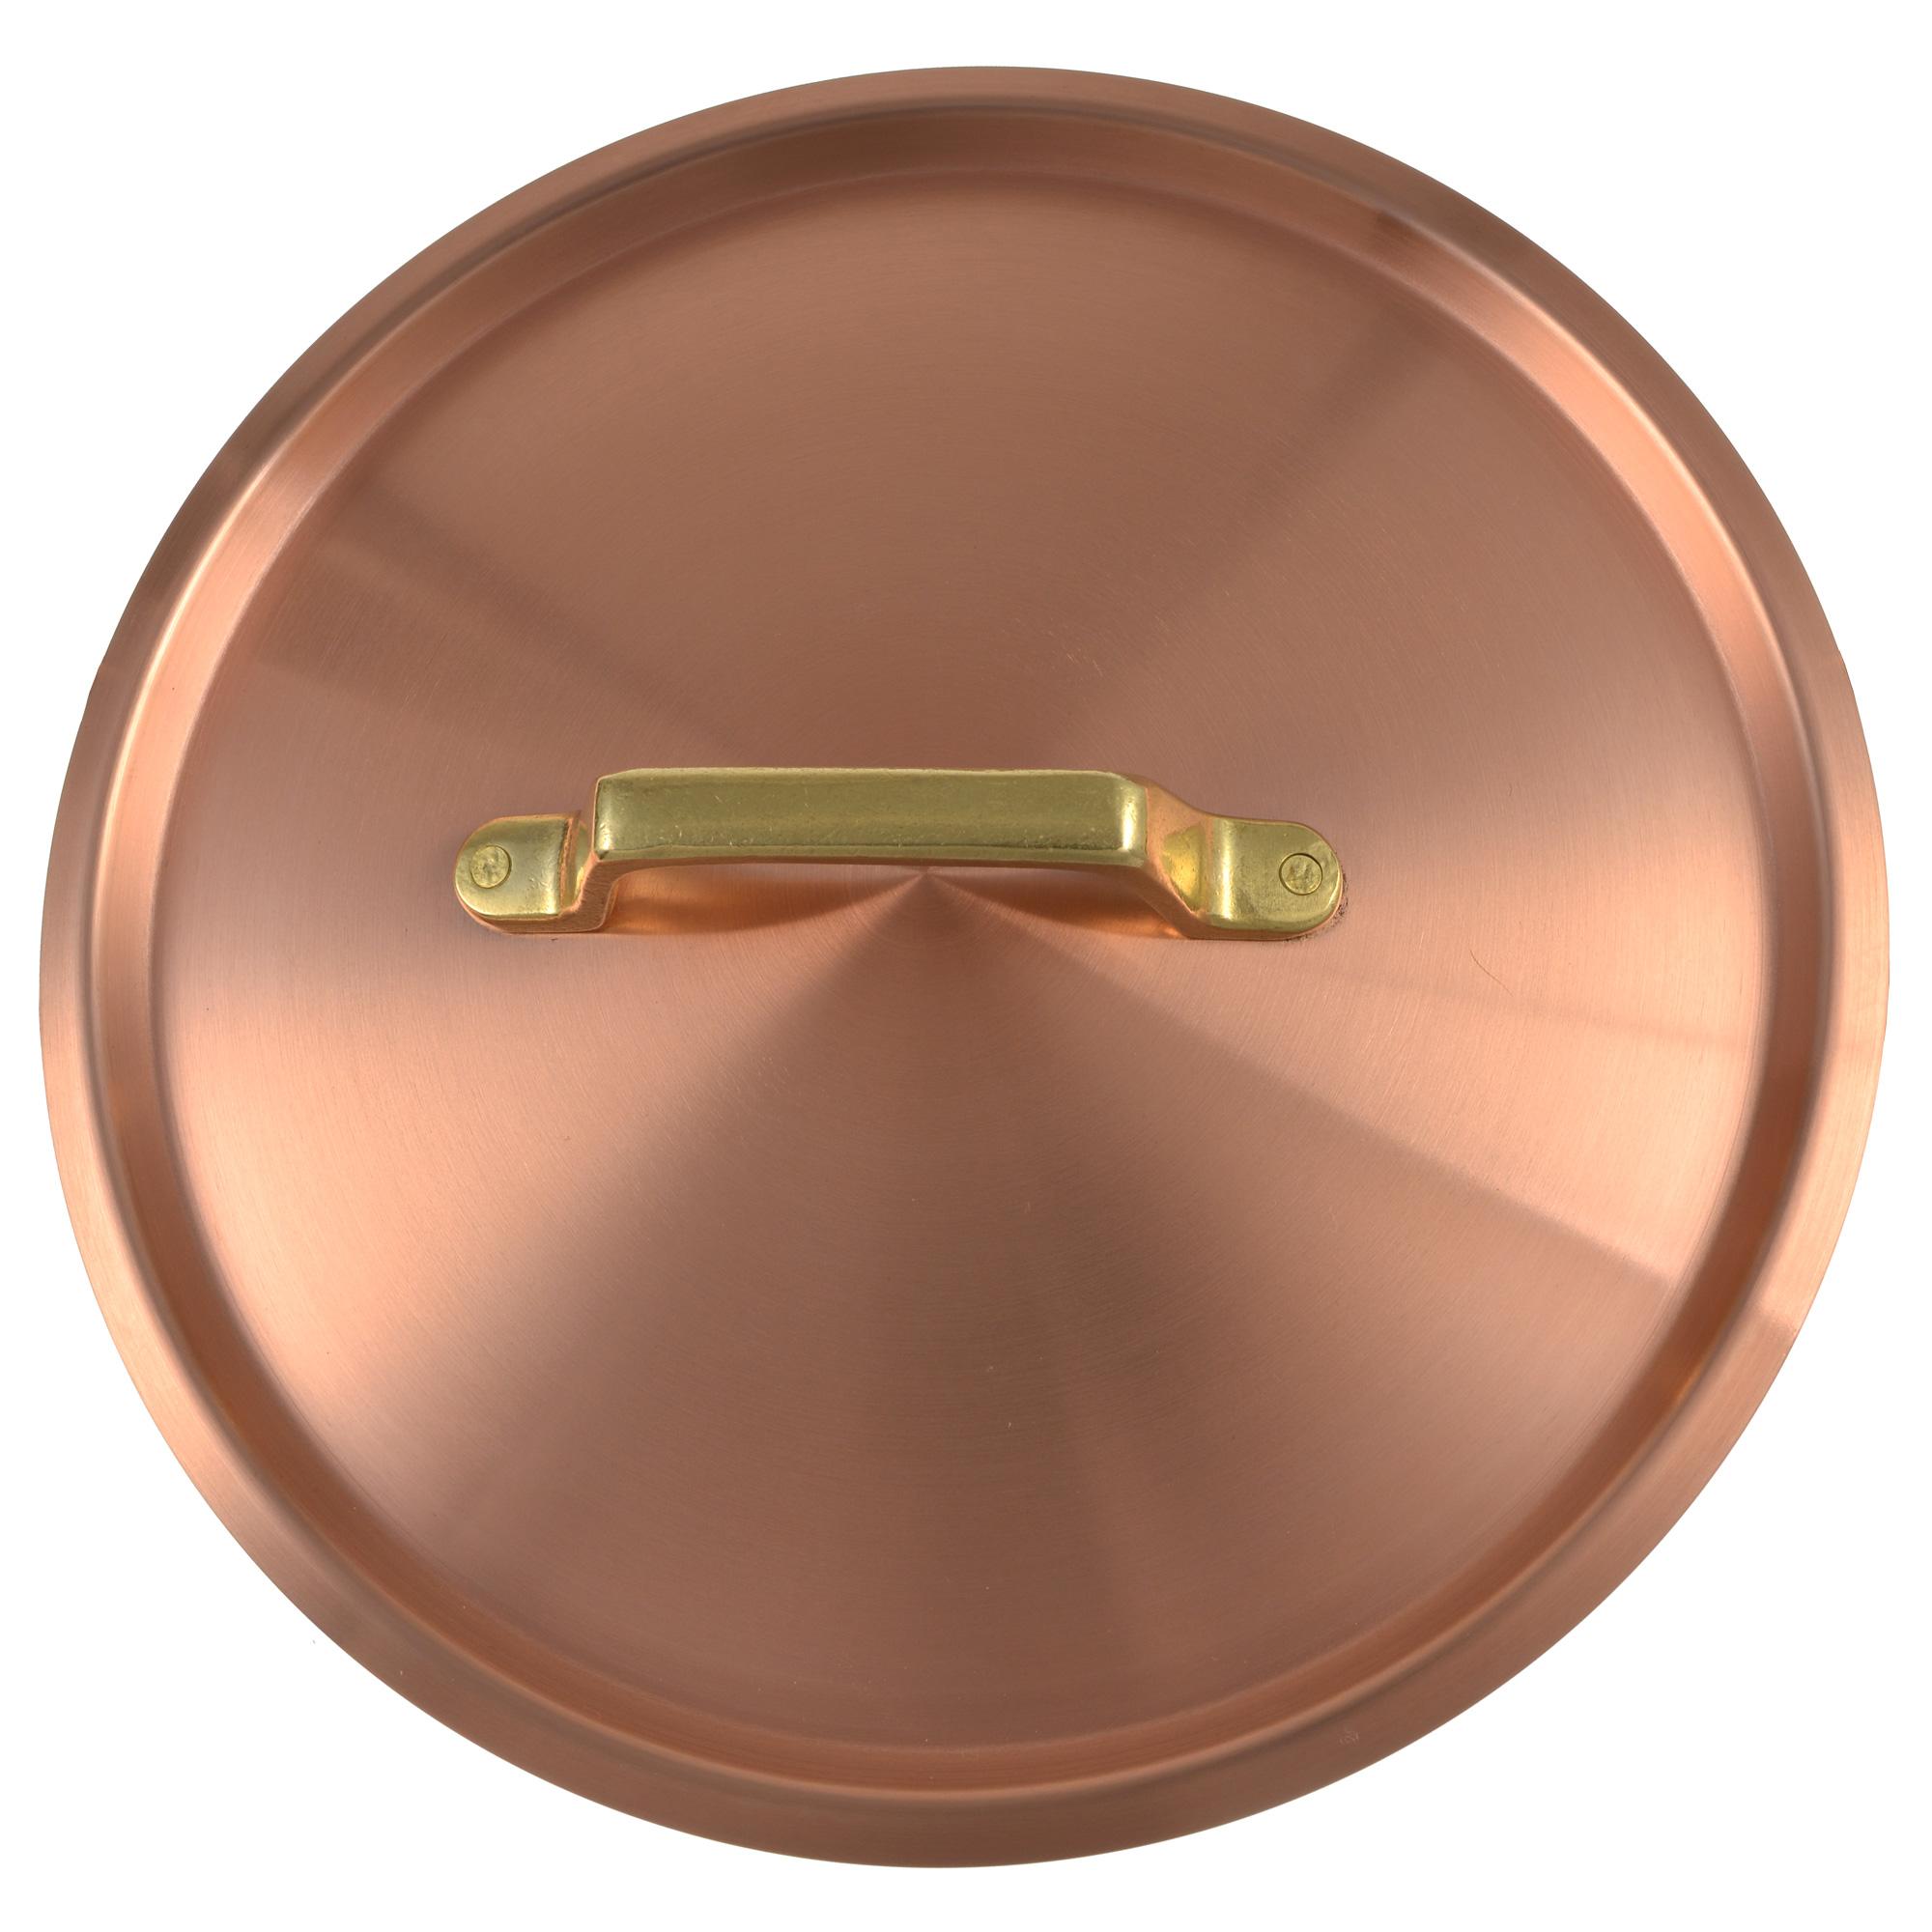 Kupfermanufaktur Kupferdeckel mit Messinggriff 12 cm